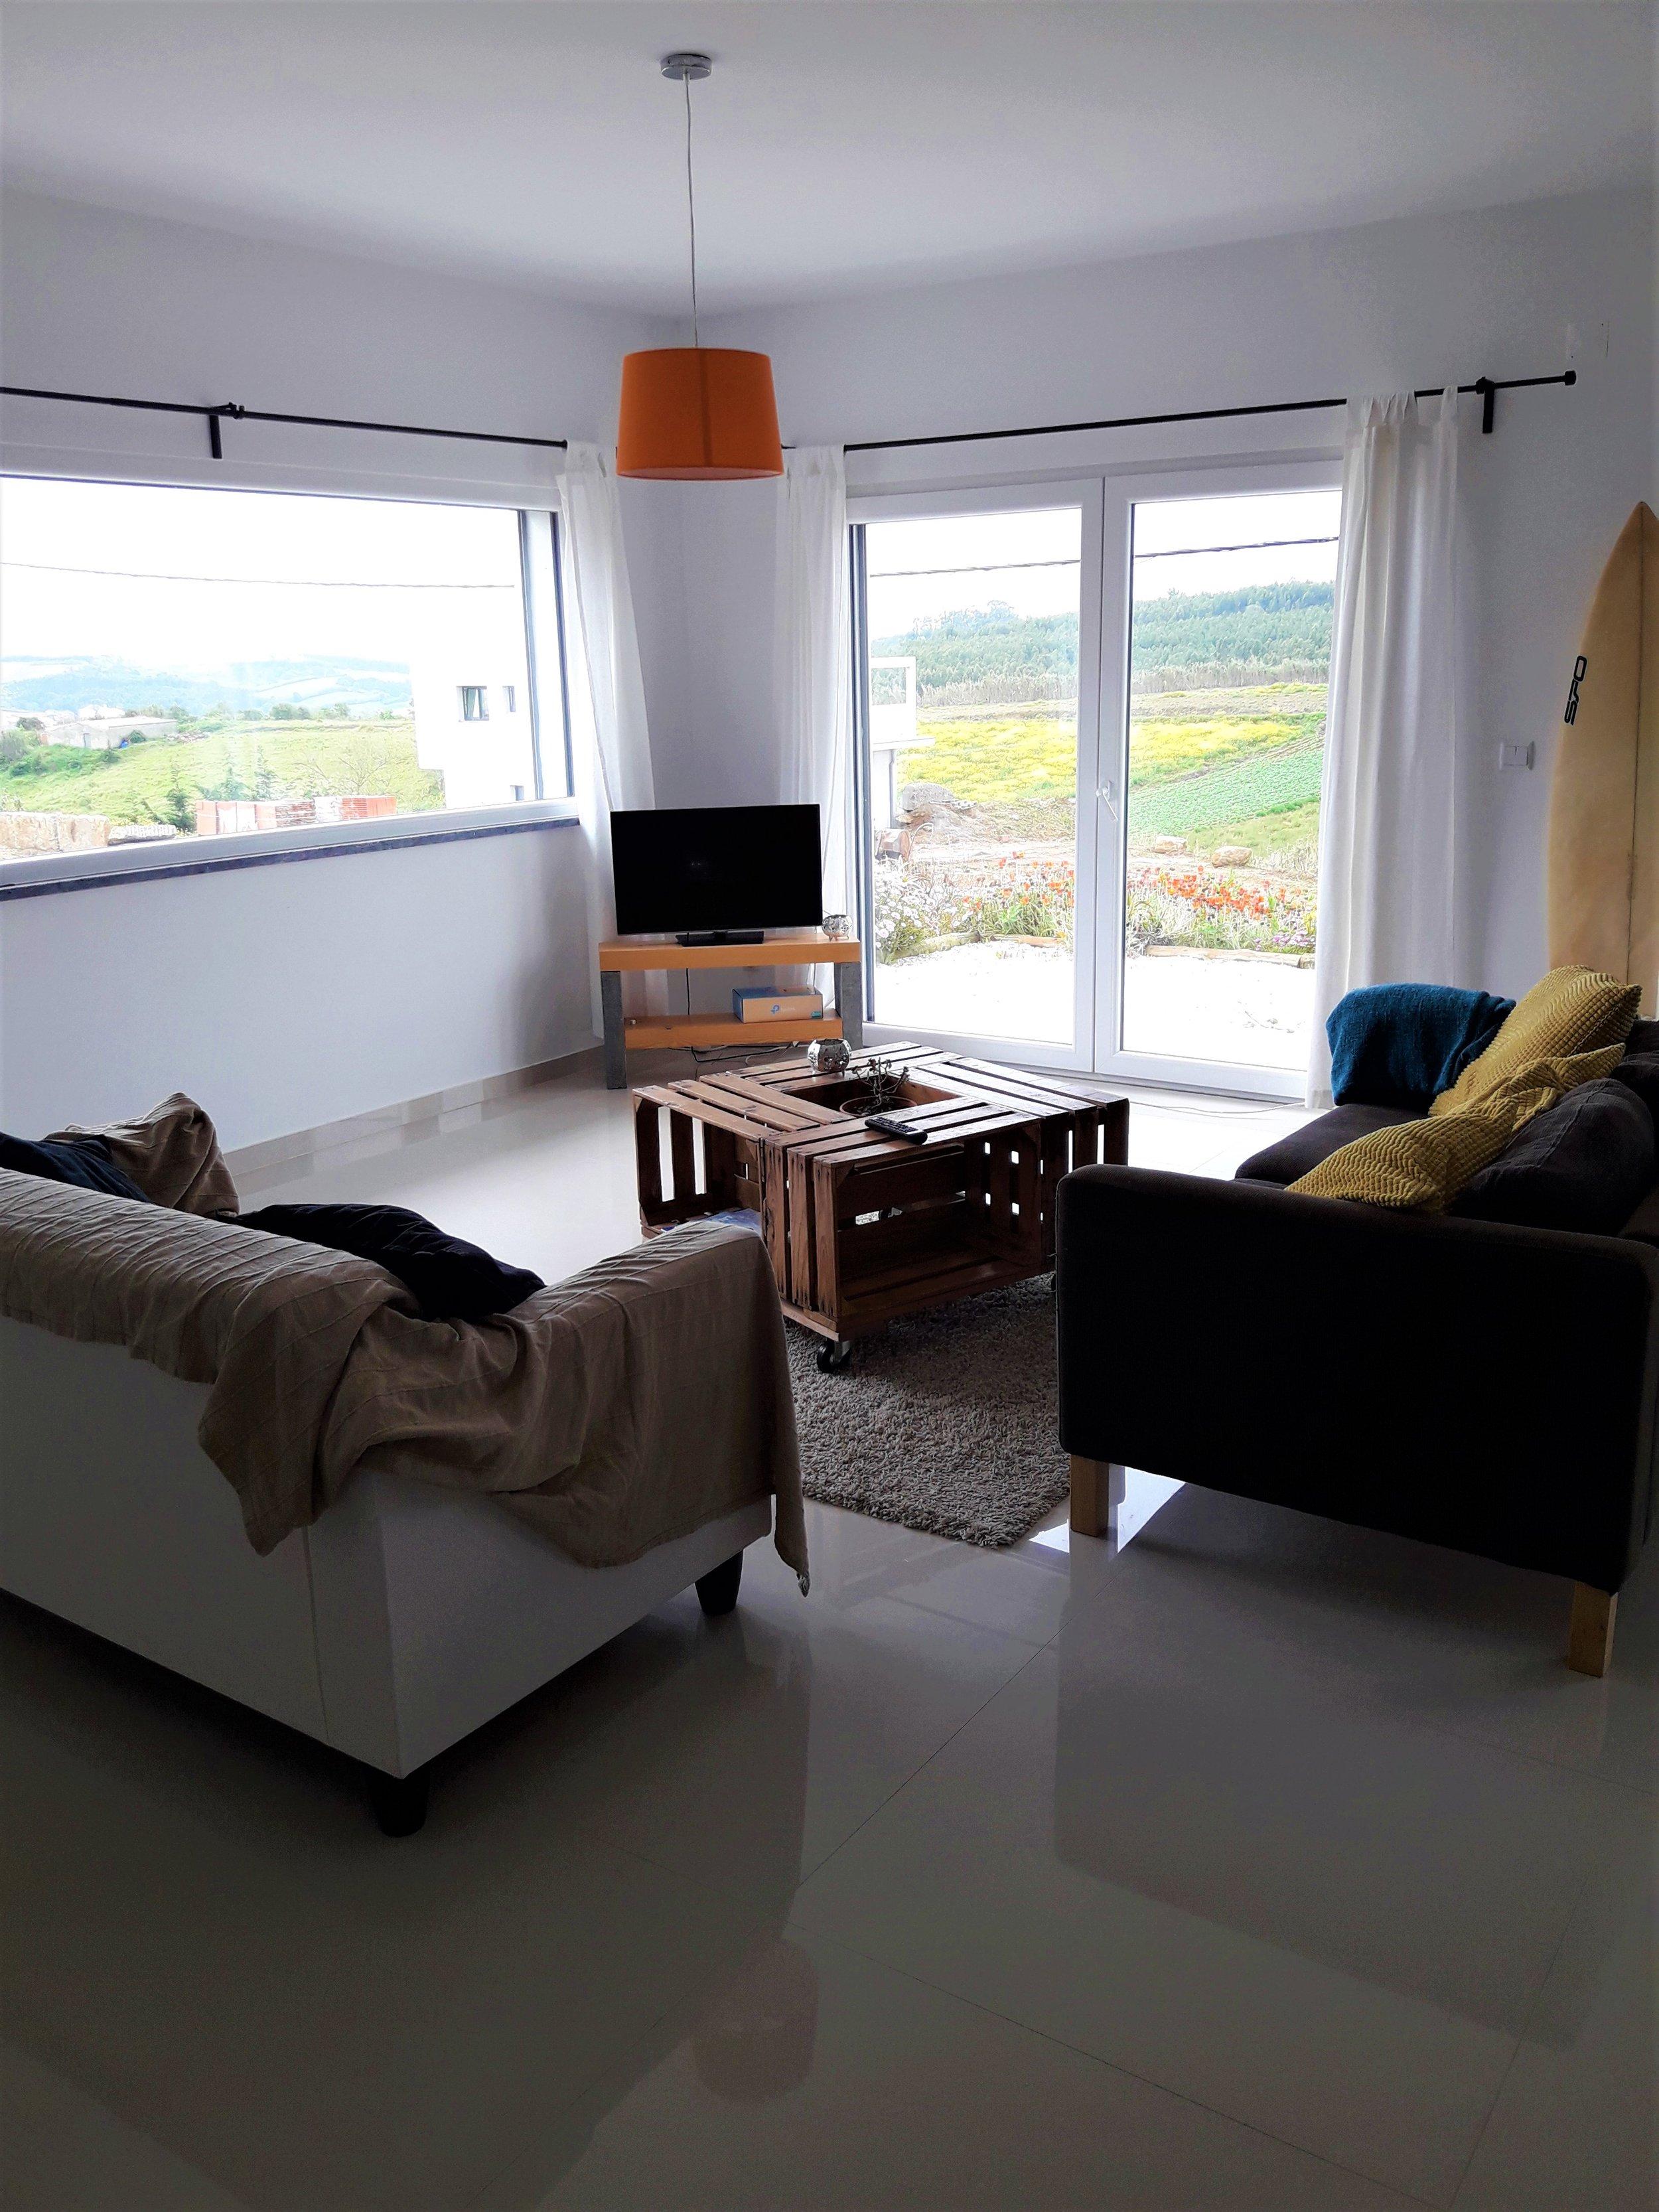 Wohnzimmer-Sofa-Tisch-Fernseher.jpg